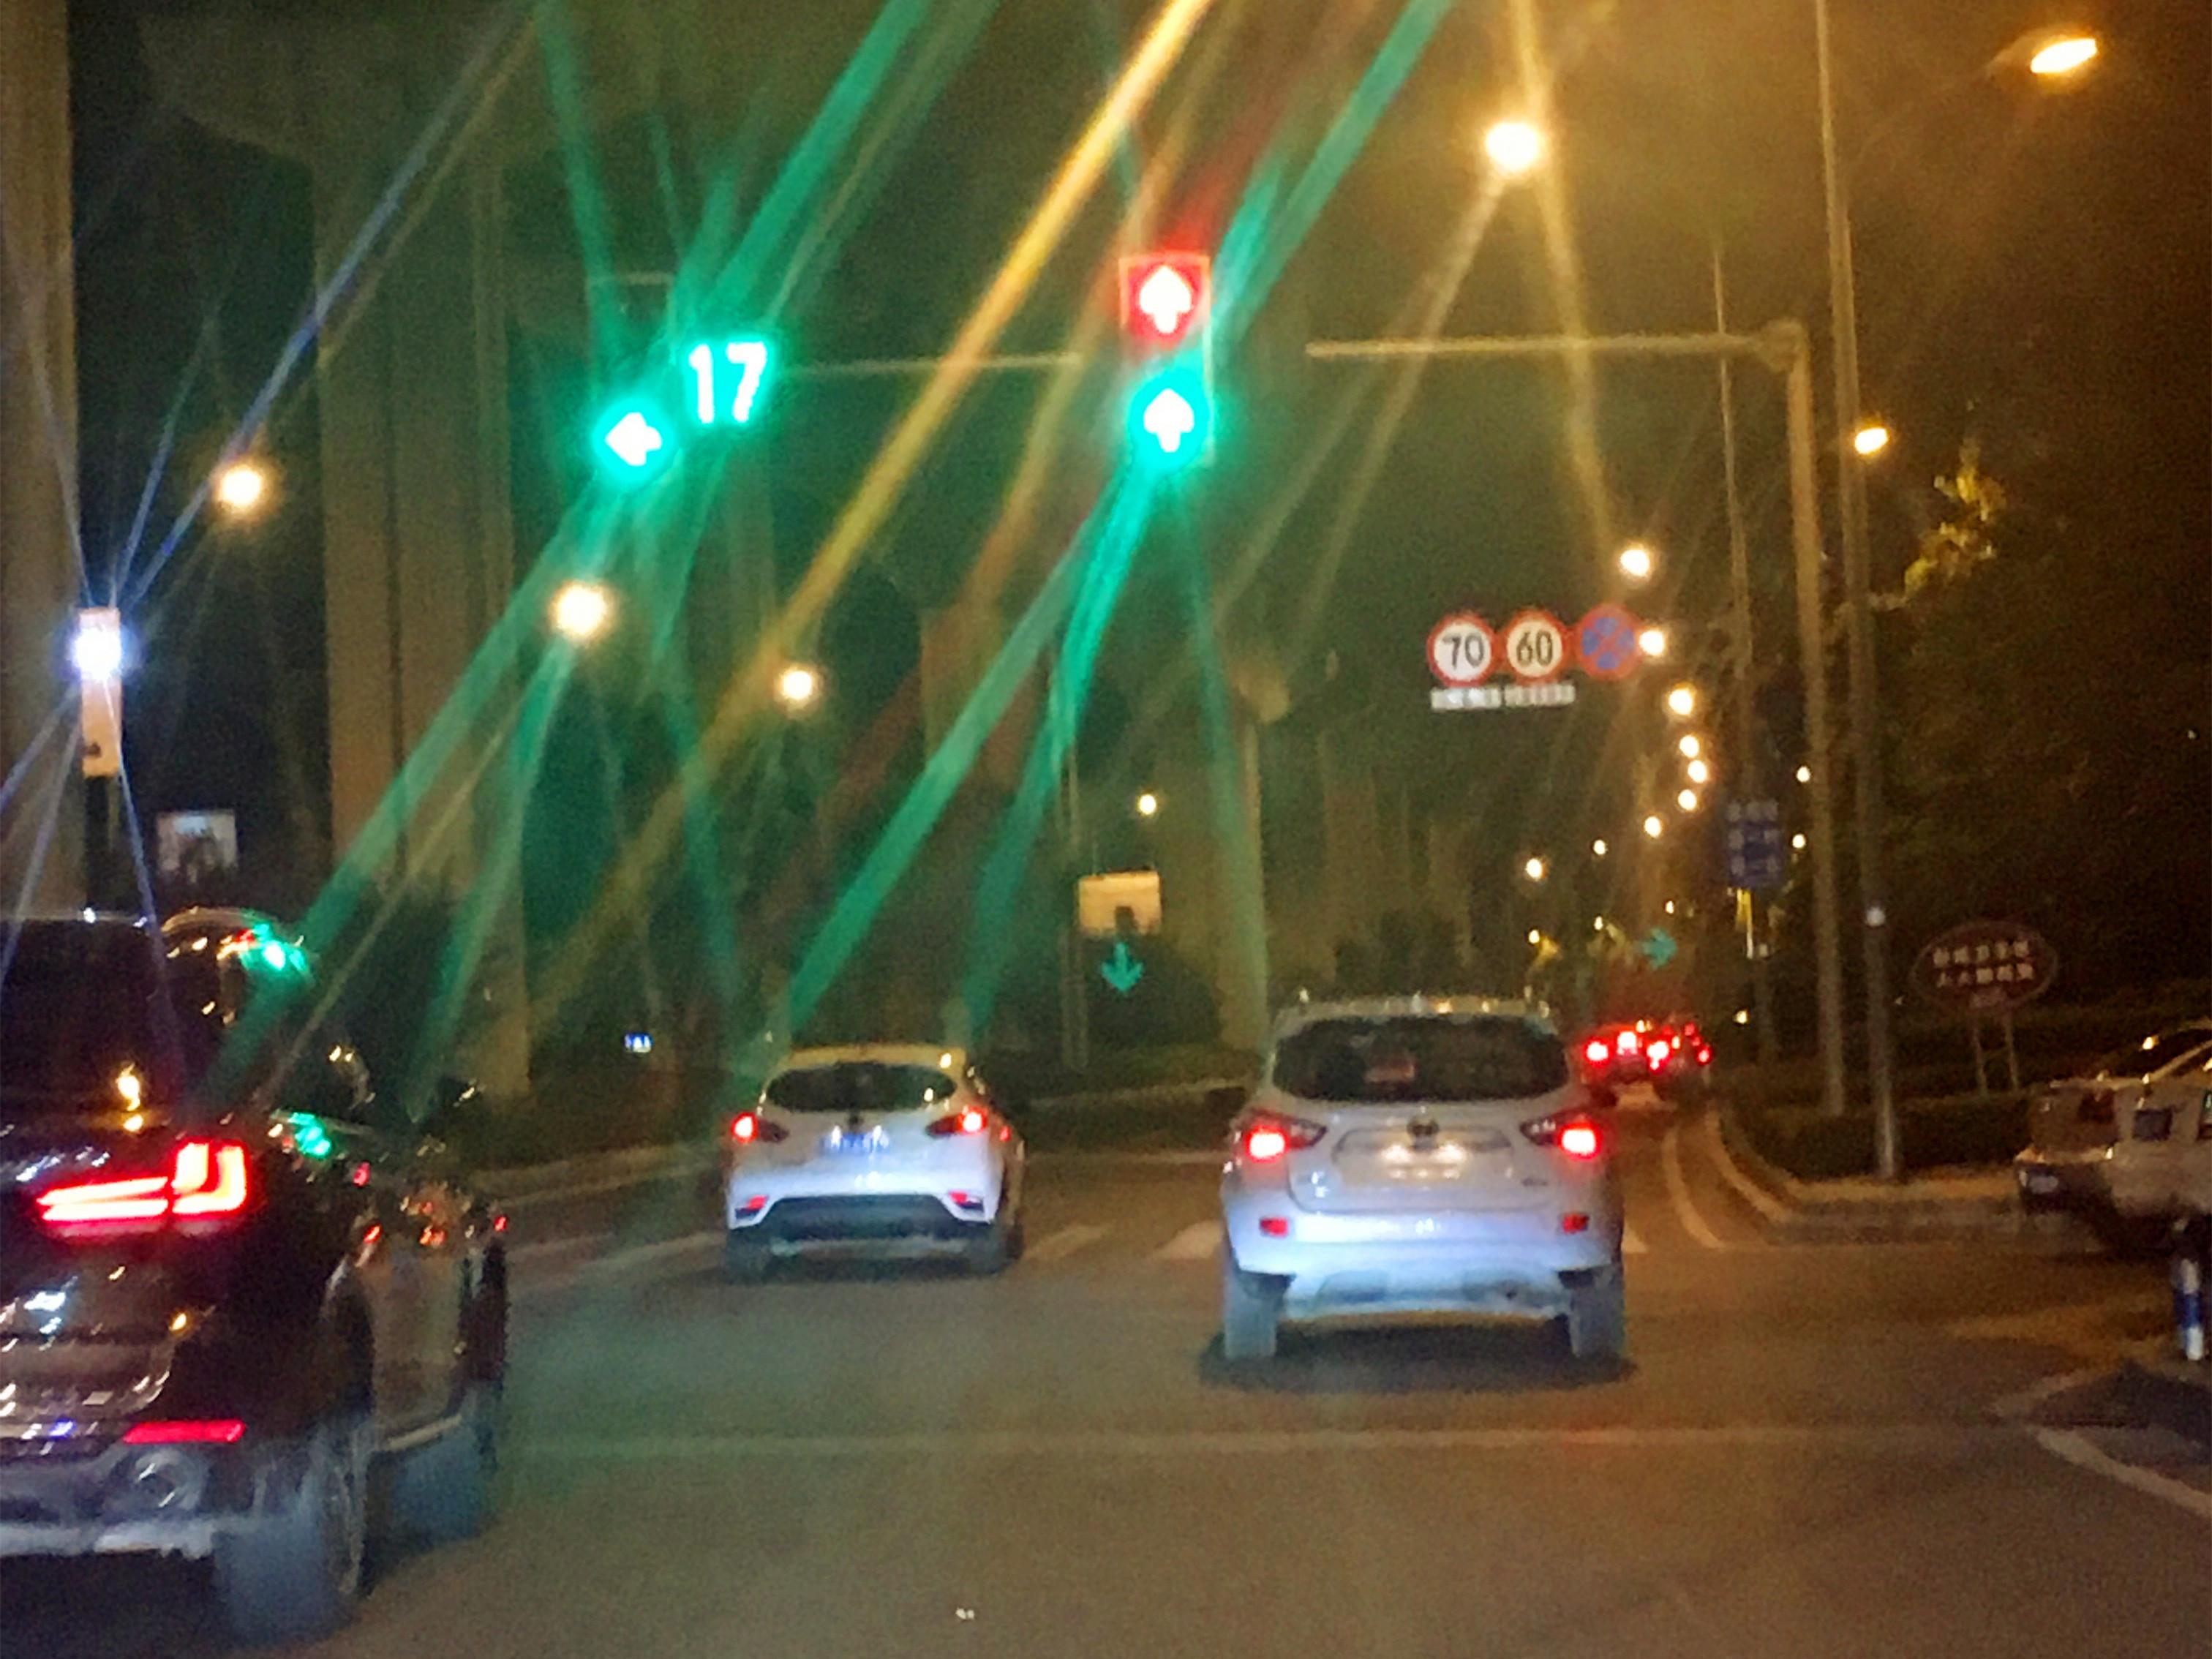 在距离轨道2号线花溪站附近的这个红绿灯,红绿两灯同时亮着,都标示为